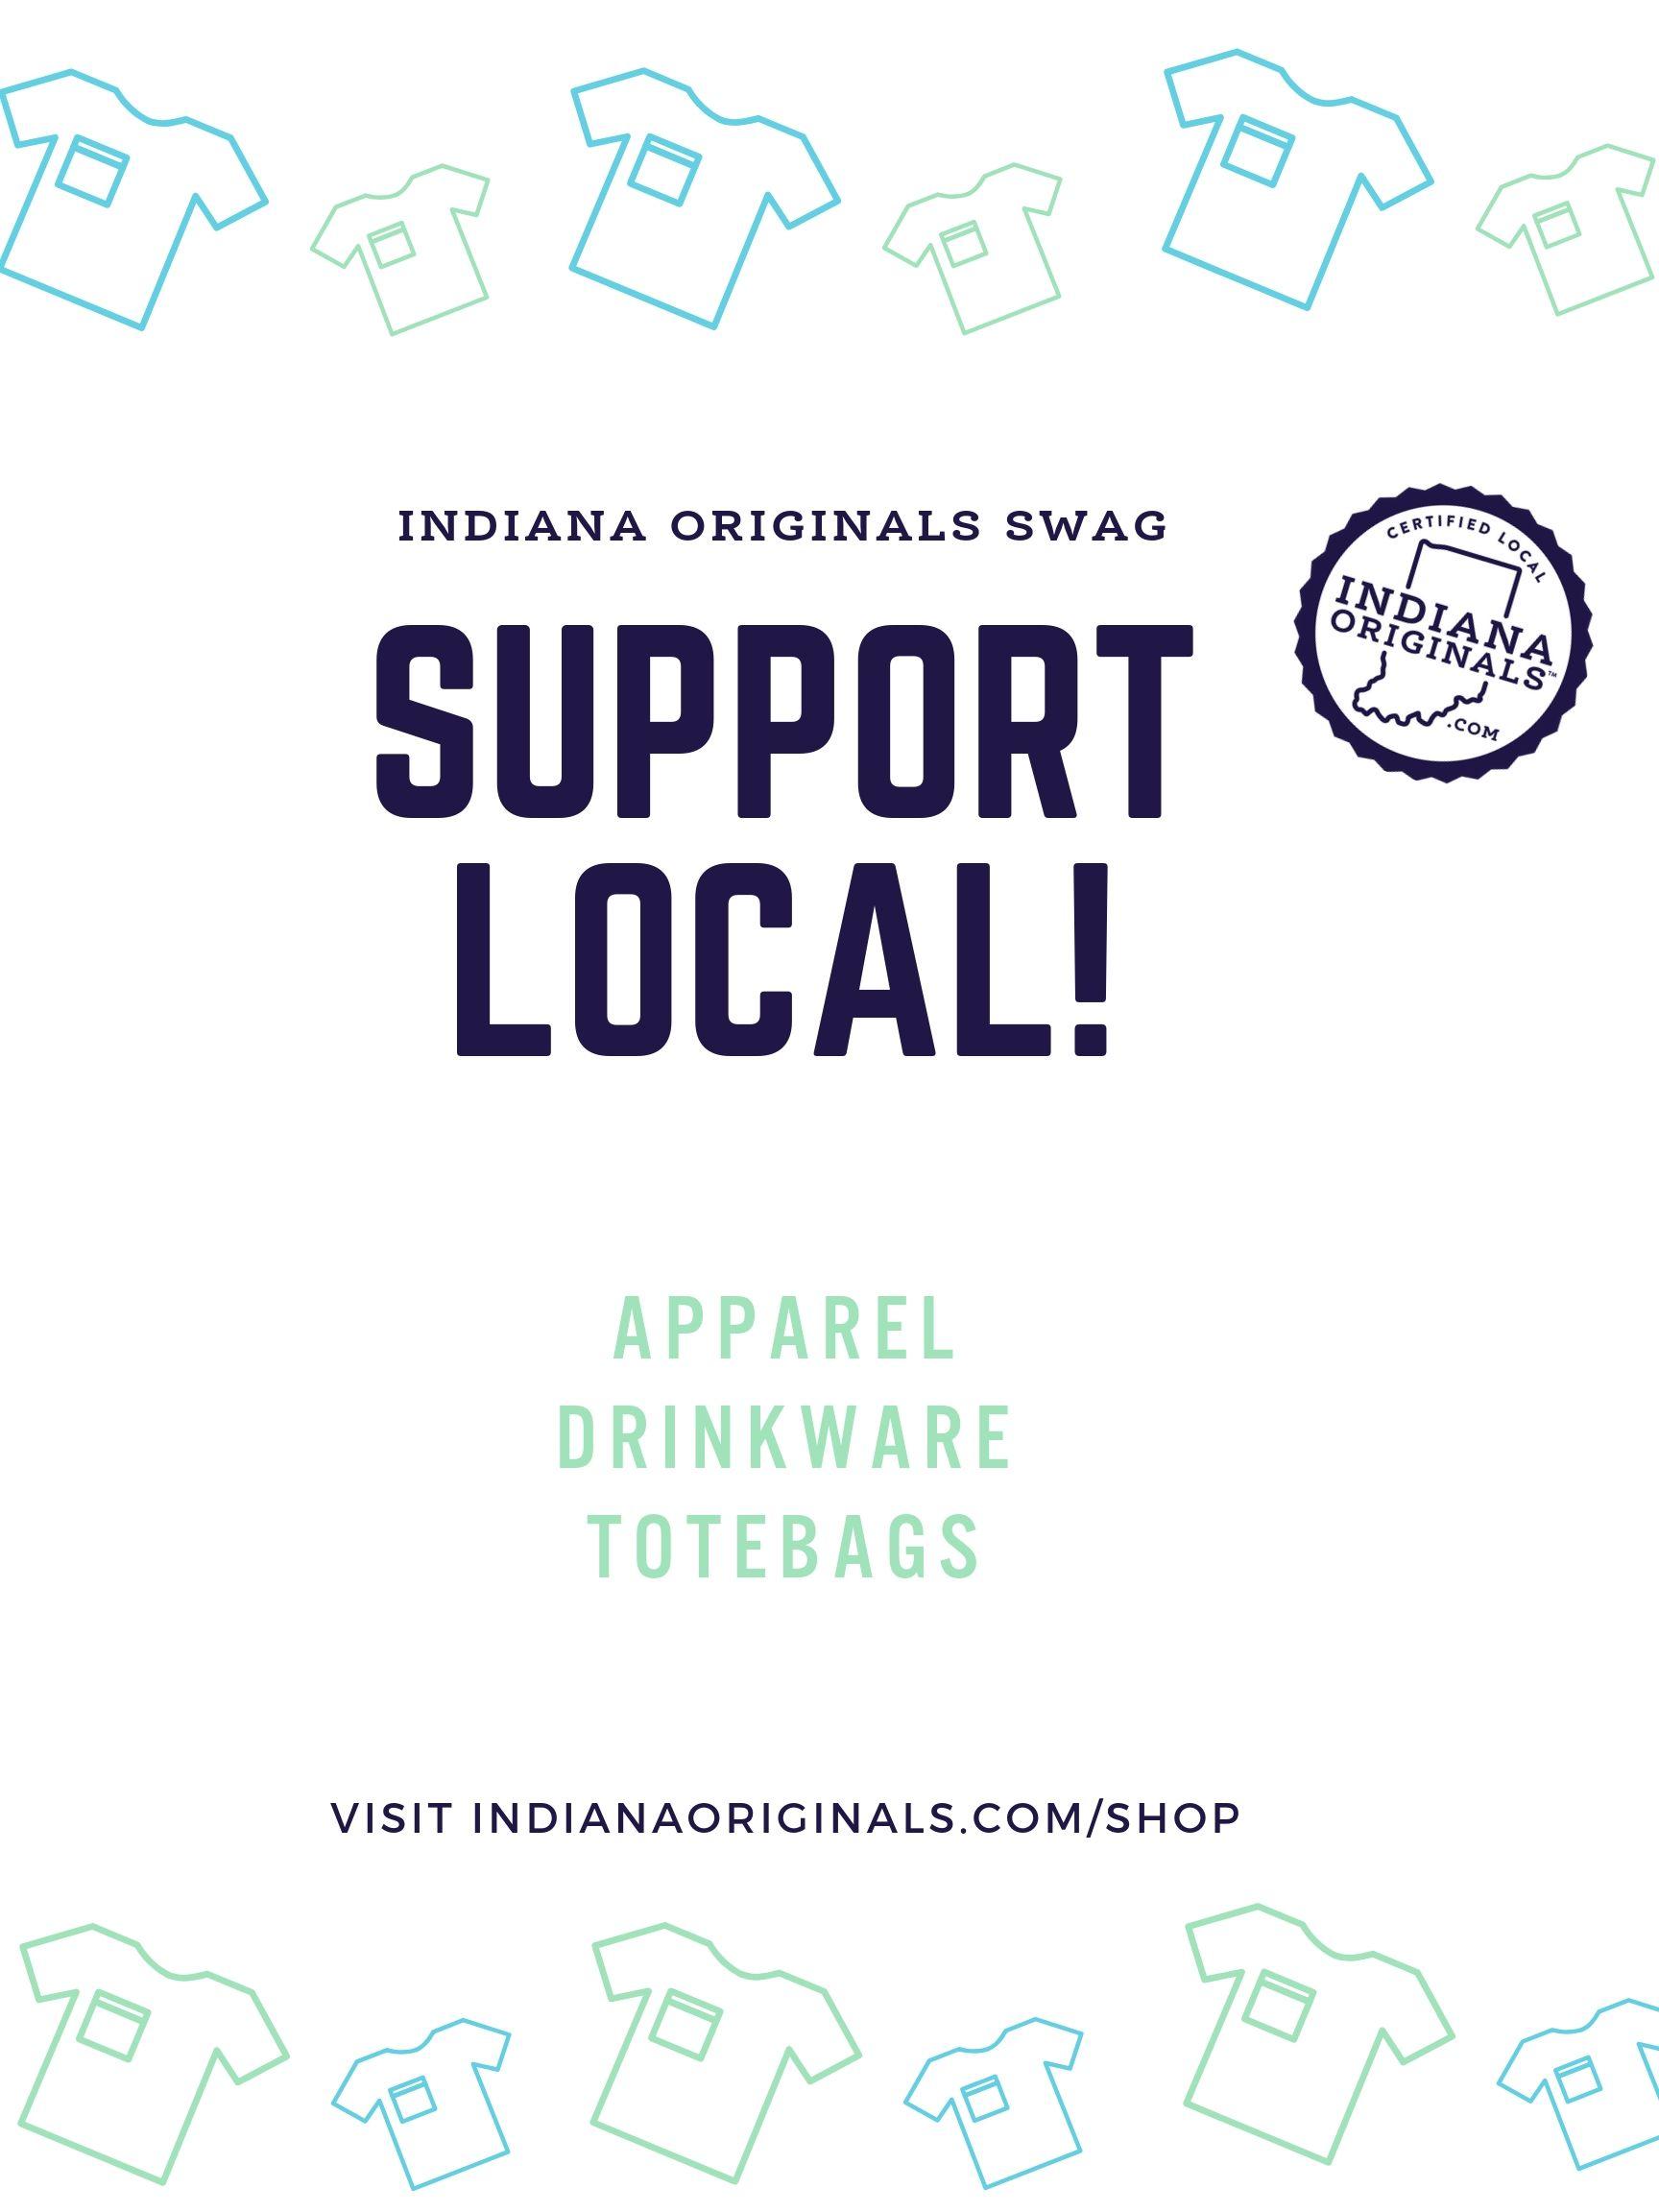 Indiana Originals Store